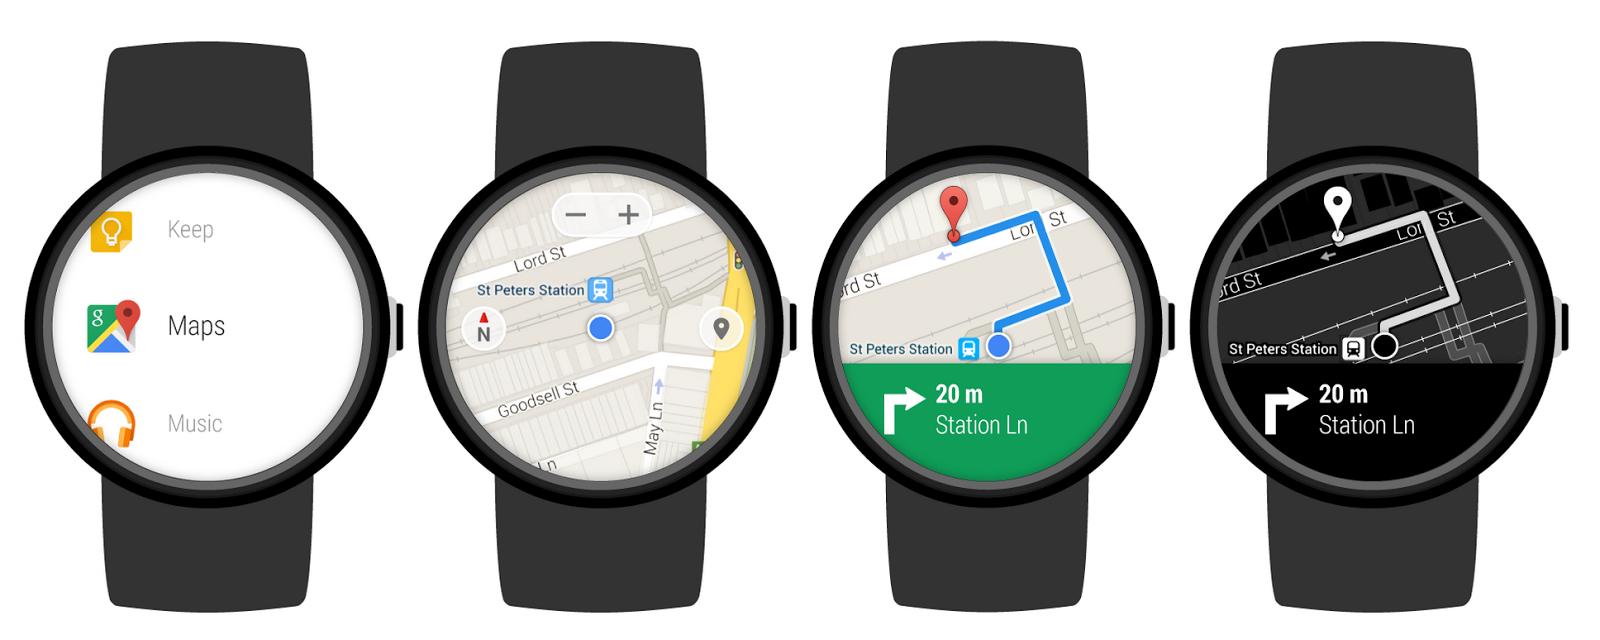 Android Wear akıllı saatlerinde Google Haritalar nasıl kullanılır?